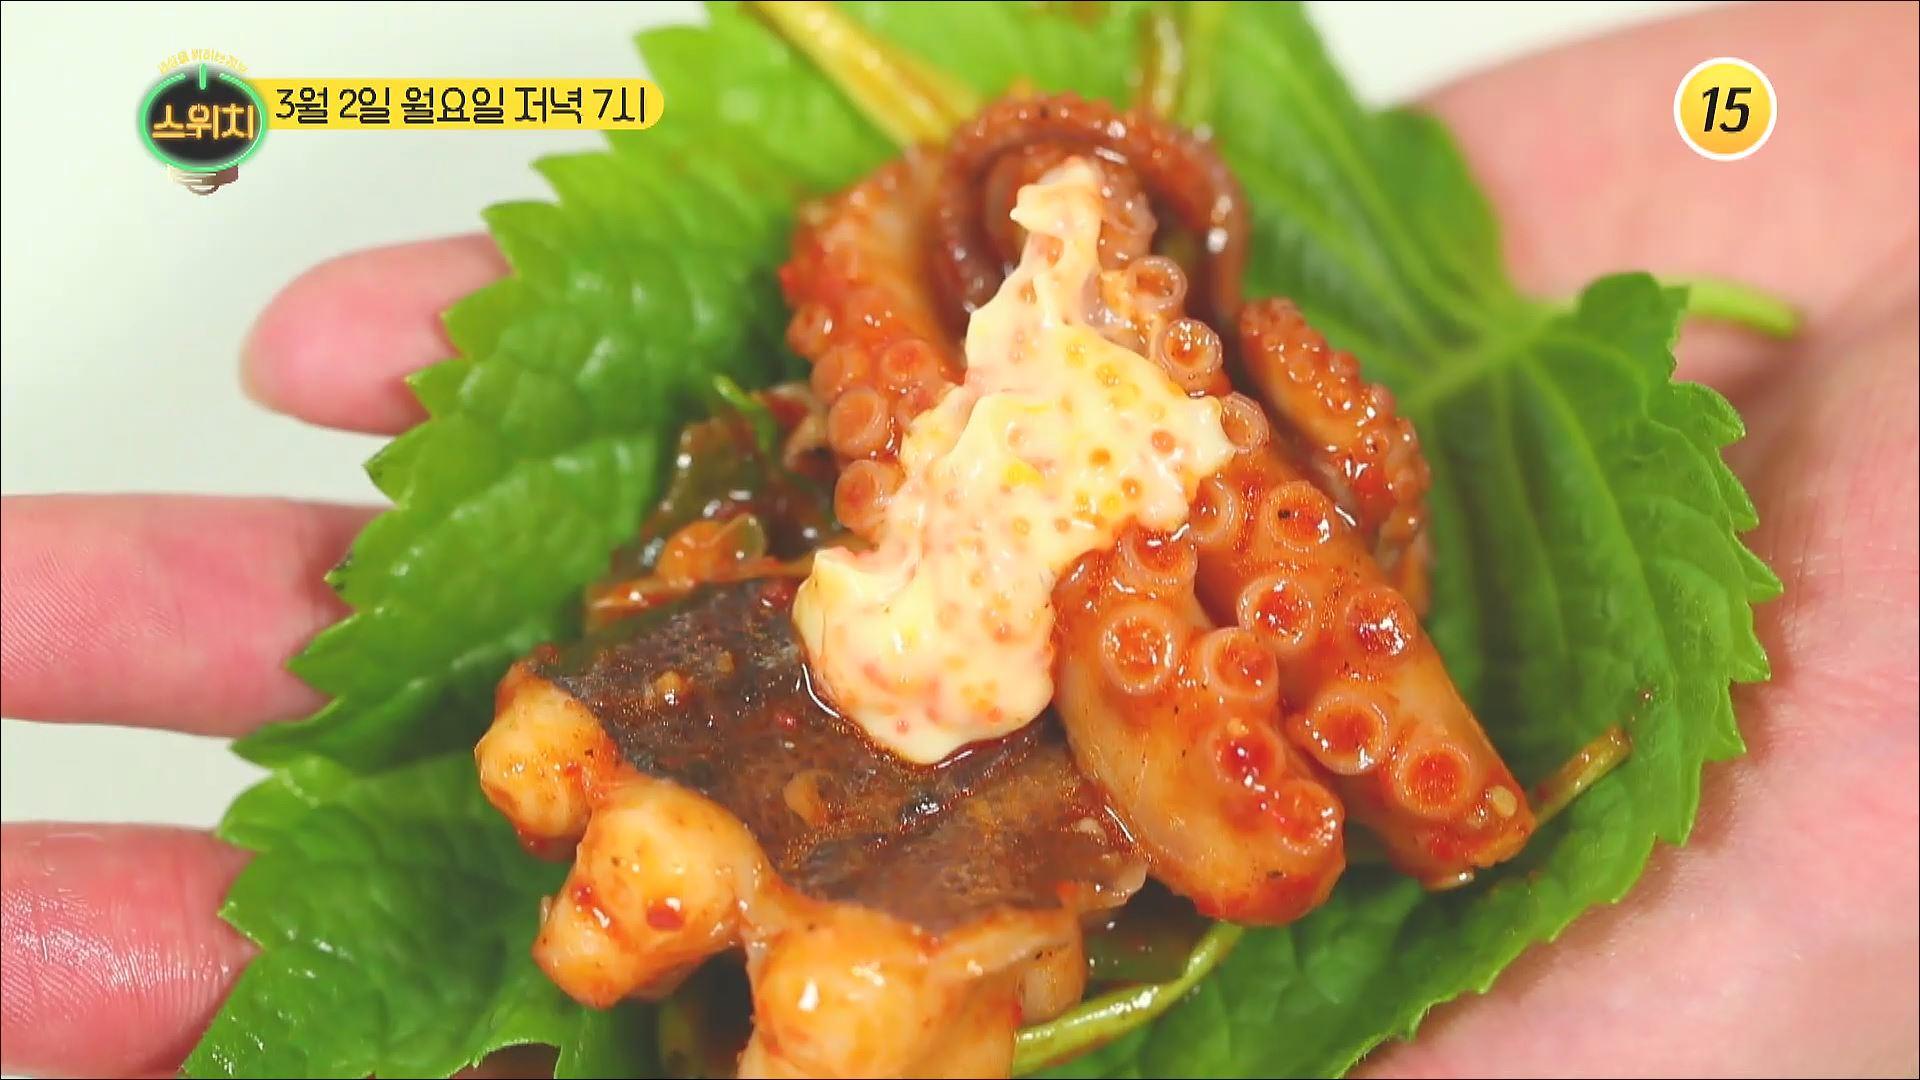 집에서 천호동 맛집을 즐길 수 있다?!_스위치 34회 예고  이미지